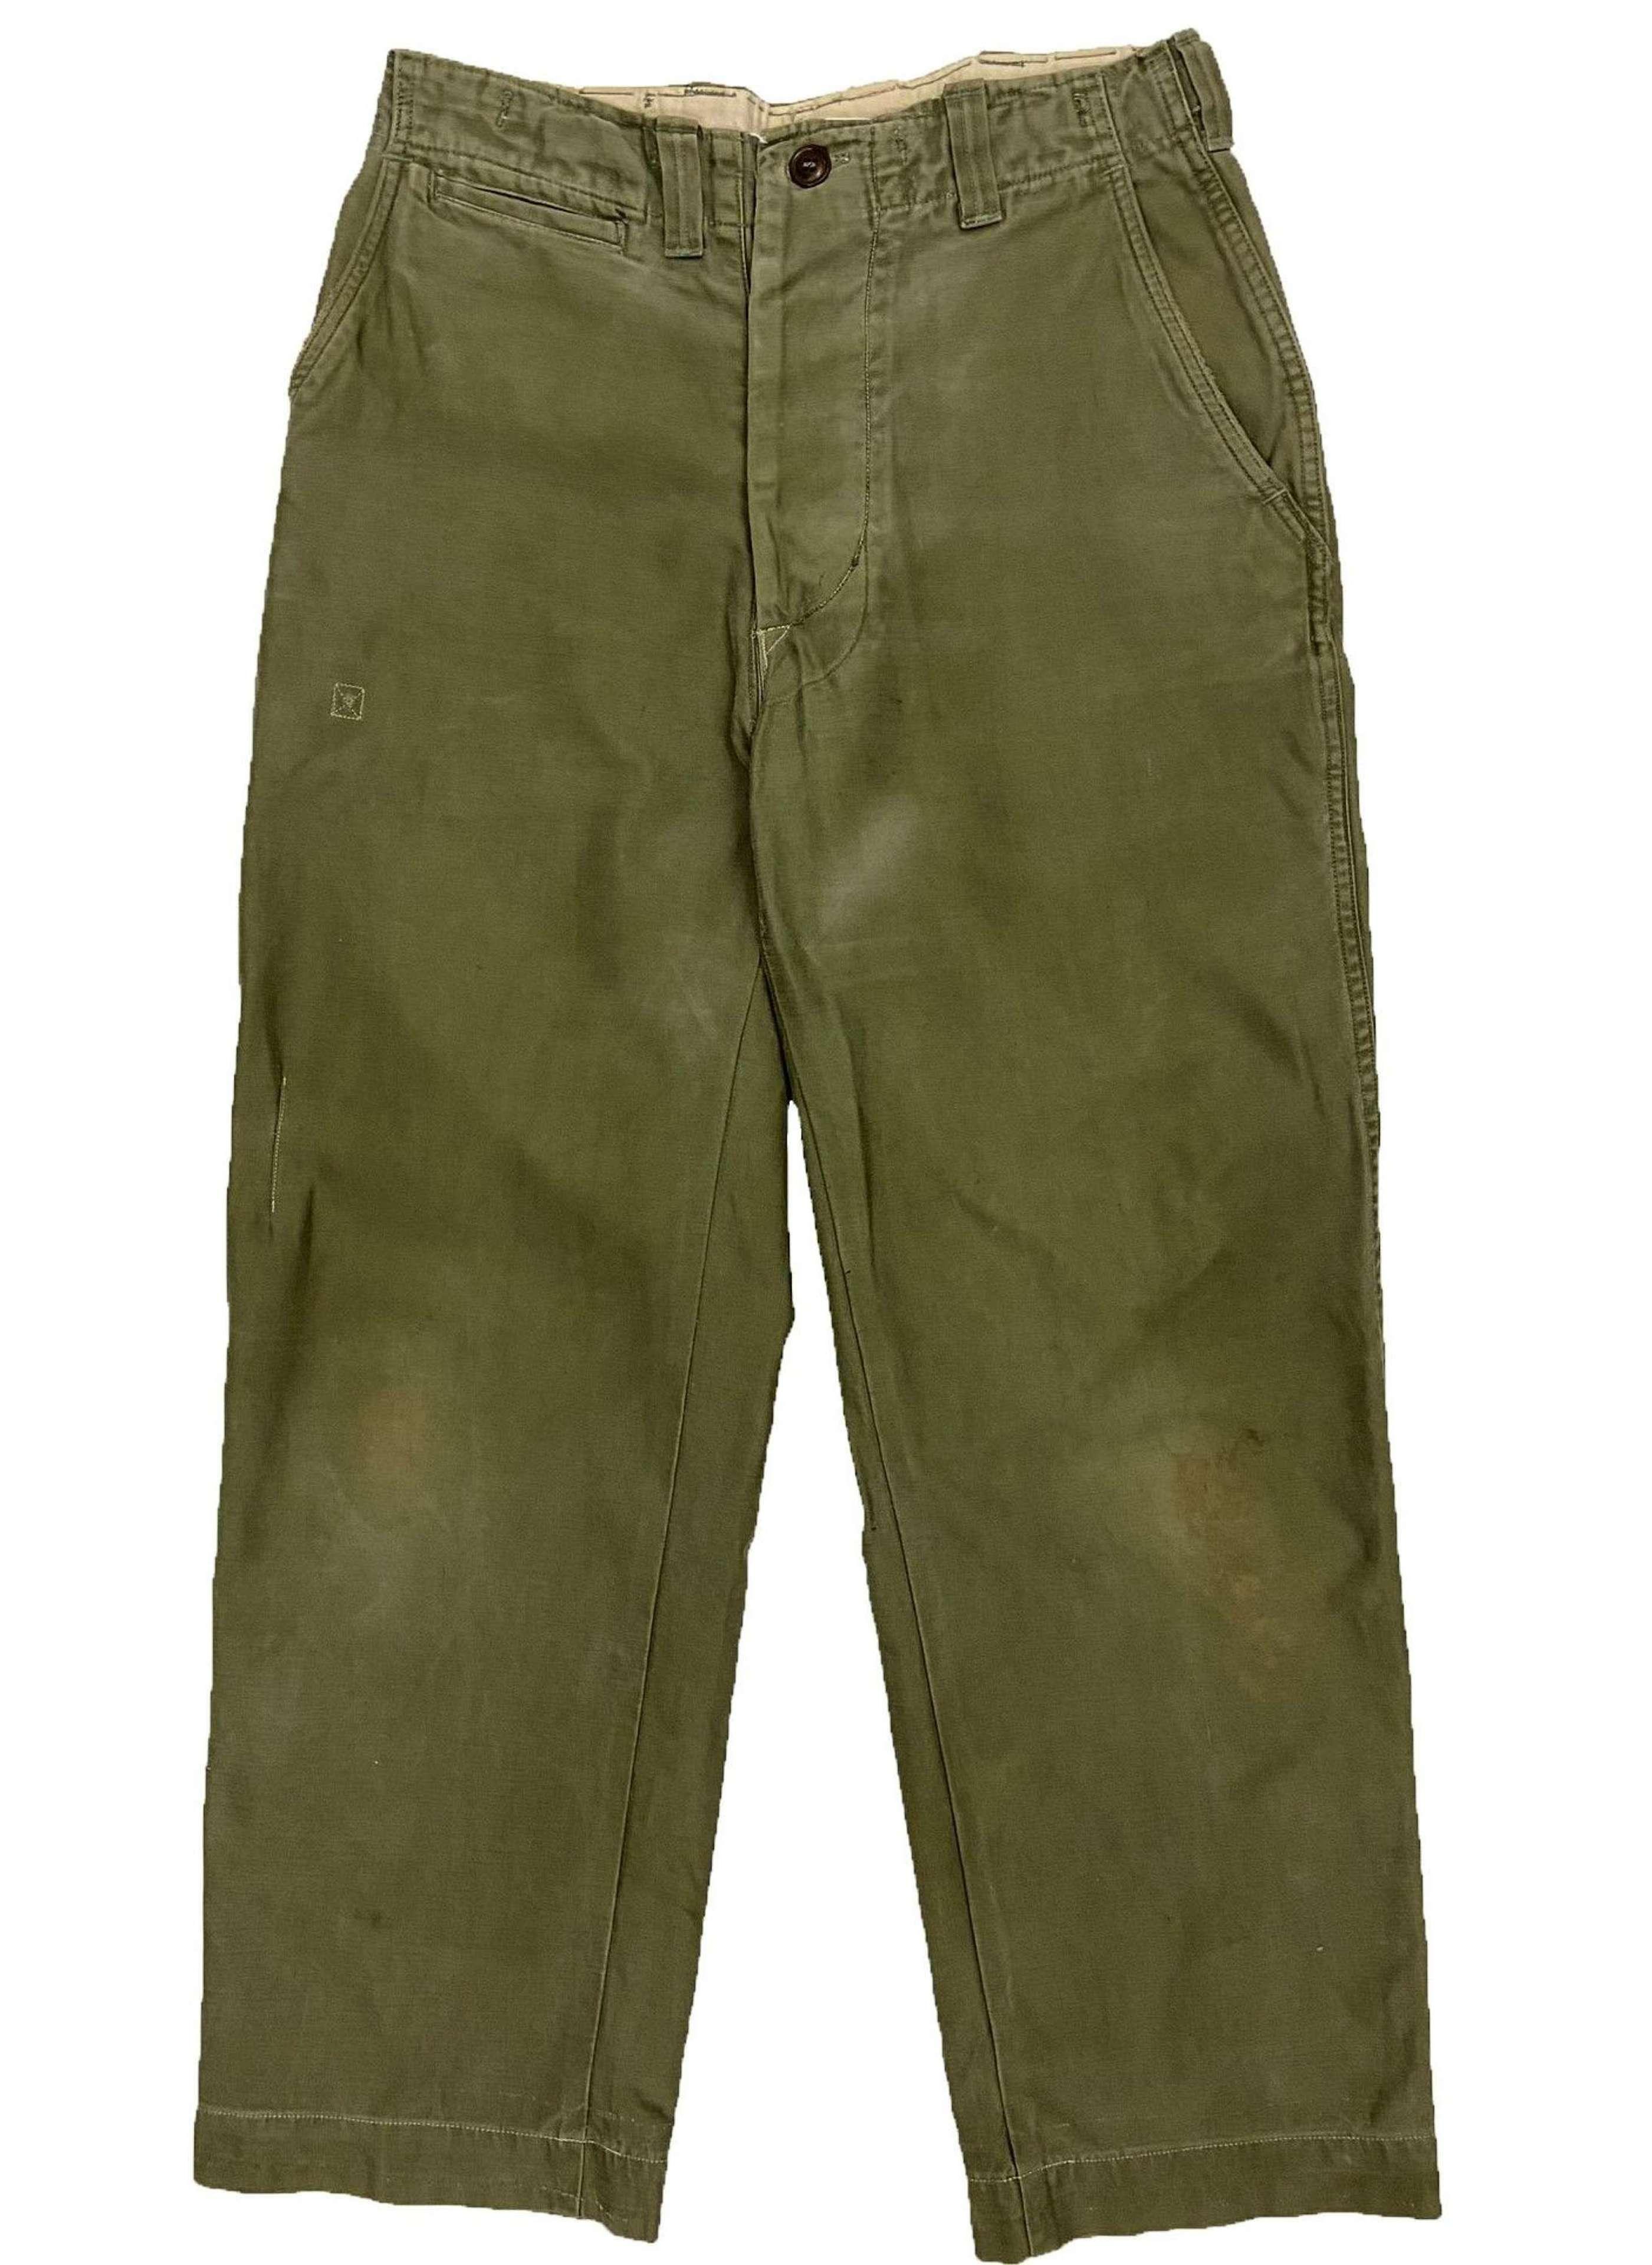 Original WW2 US Army M43 Combat trousers - Size 31x28